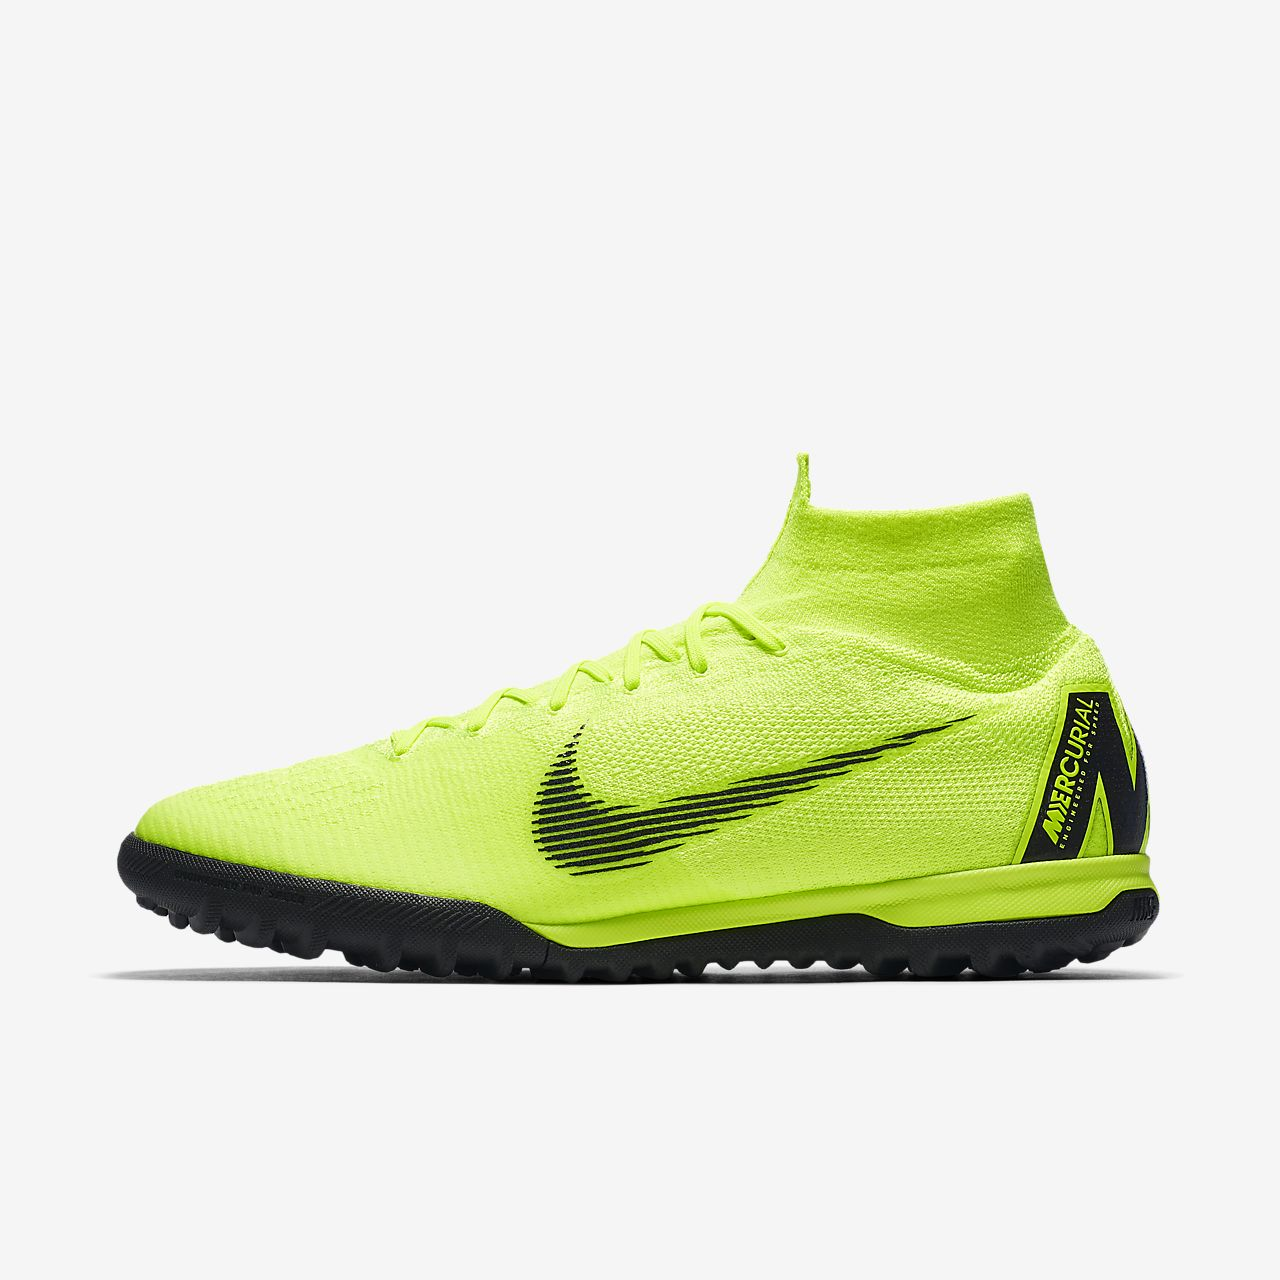 Chuteiras de futebol para relva artificial Nike SuperflyX 6 Elite TF ... 77251899ac1cc